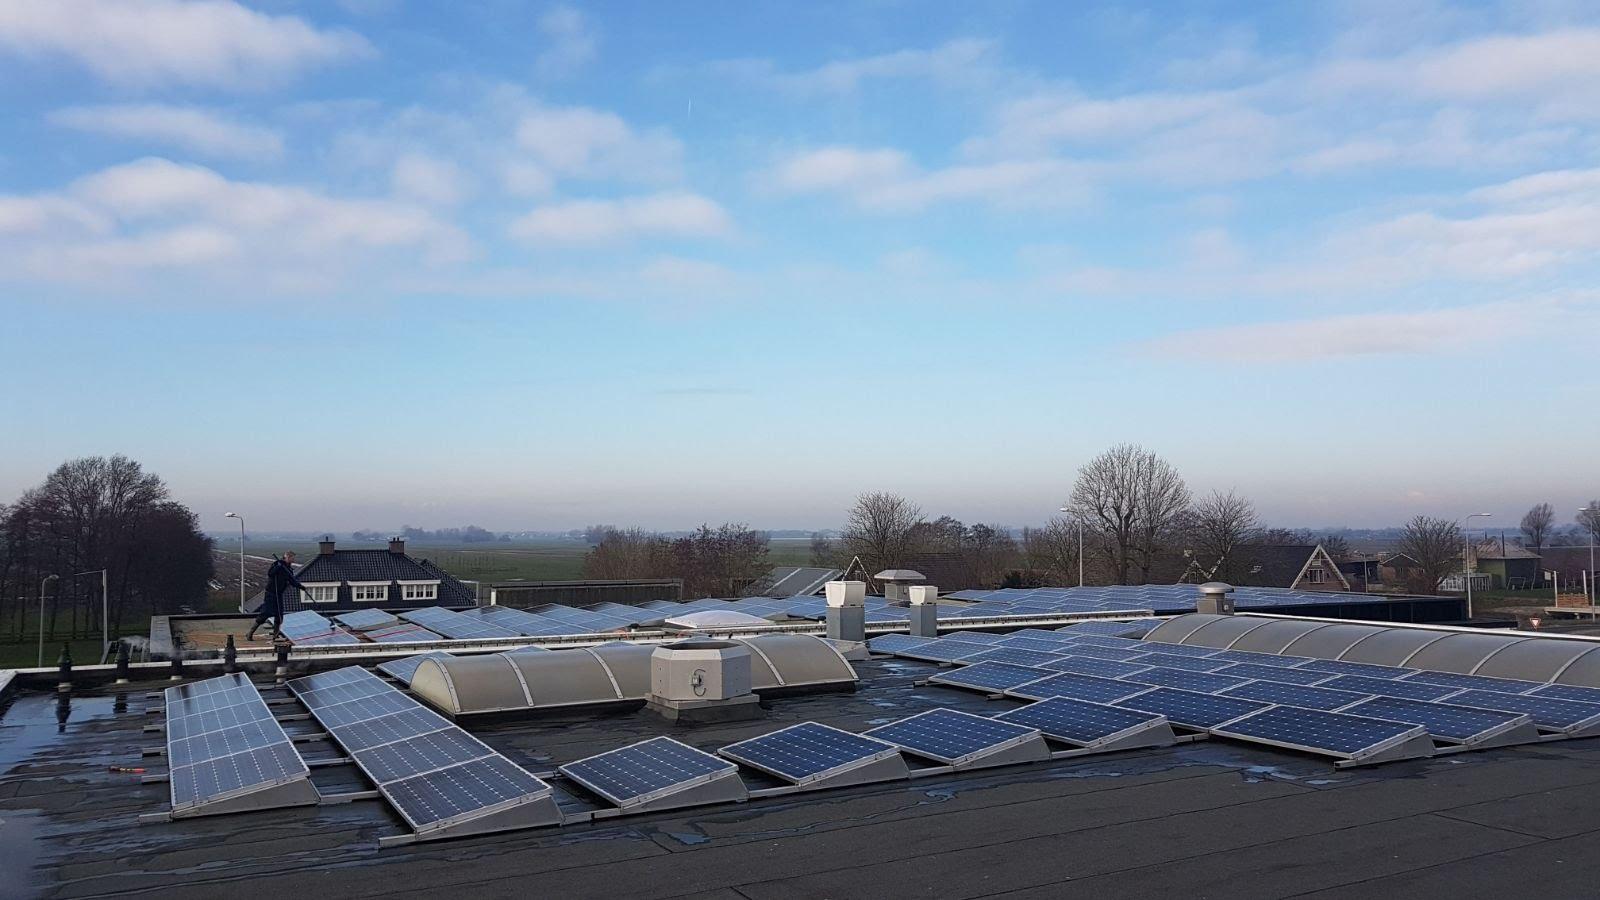 zonnepanelen-op-bedrijfspand-schoonmaken